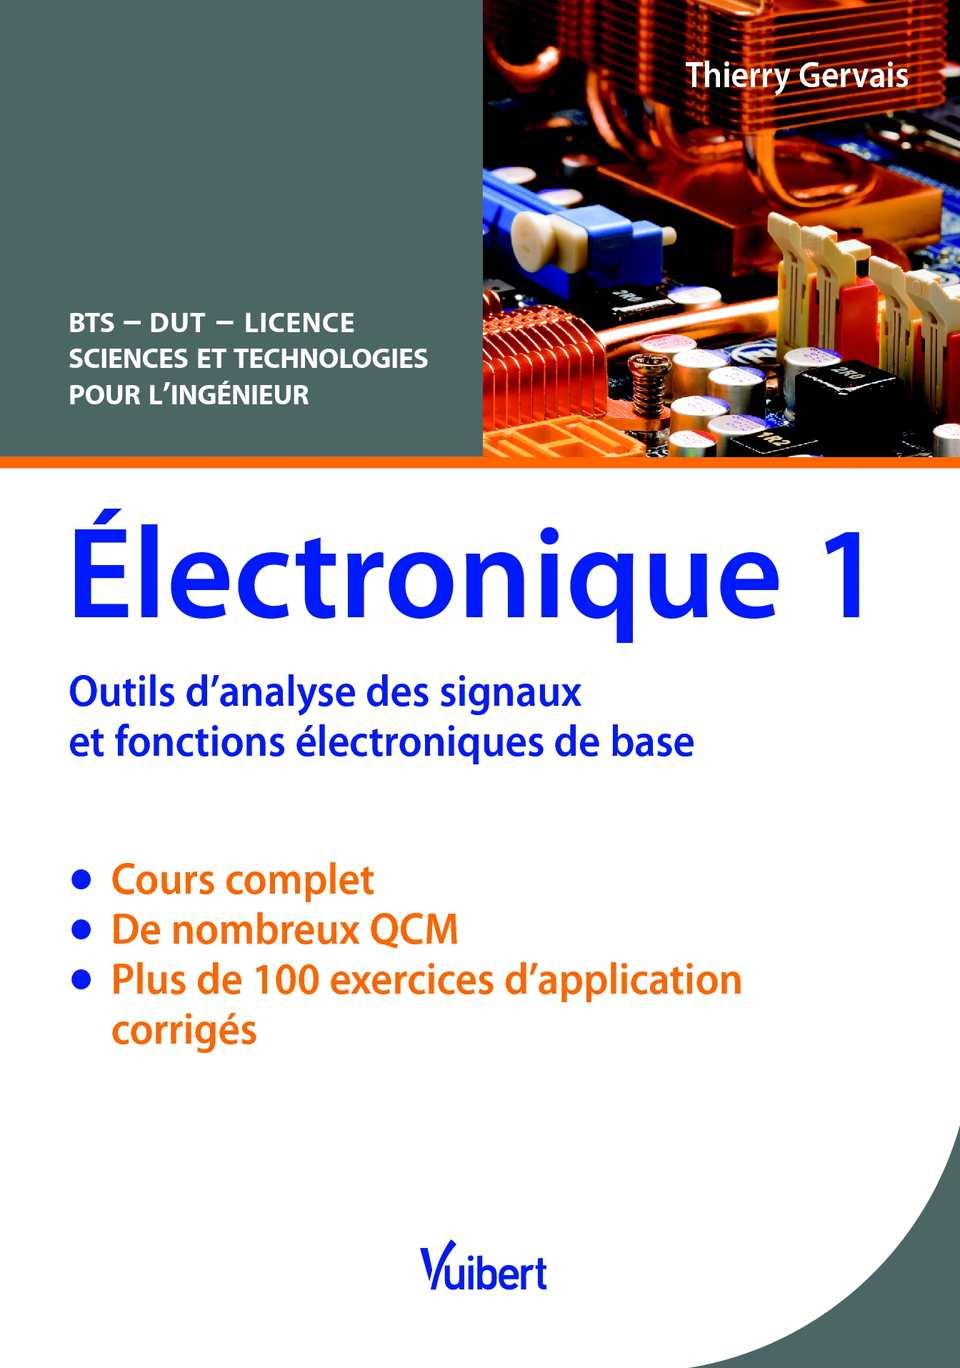 Extrait - Électronique 1 - Vuibert